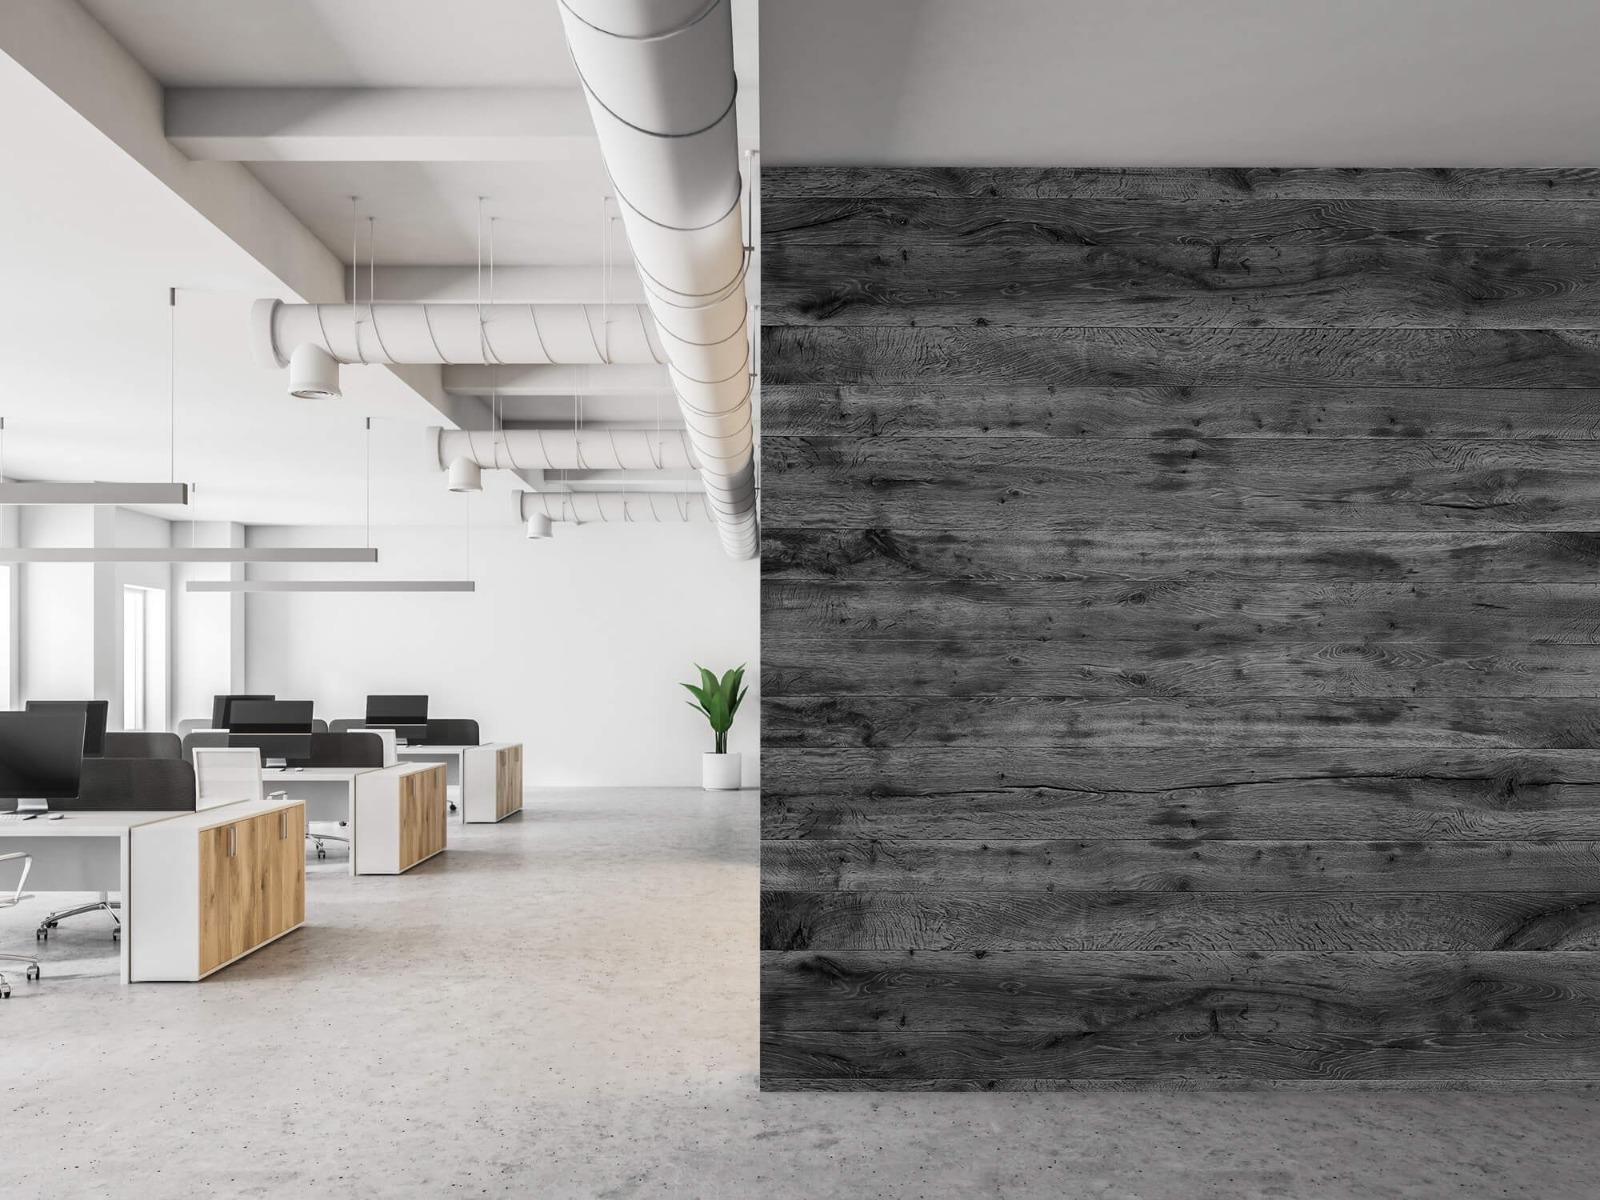 Hout behang - Grijze houten planken - Directie 22